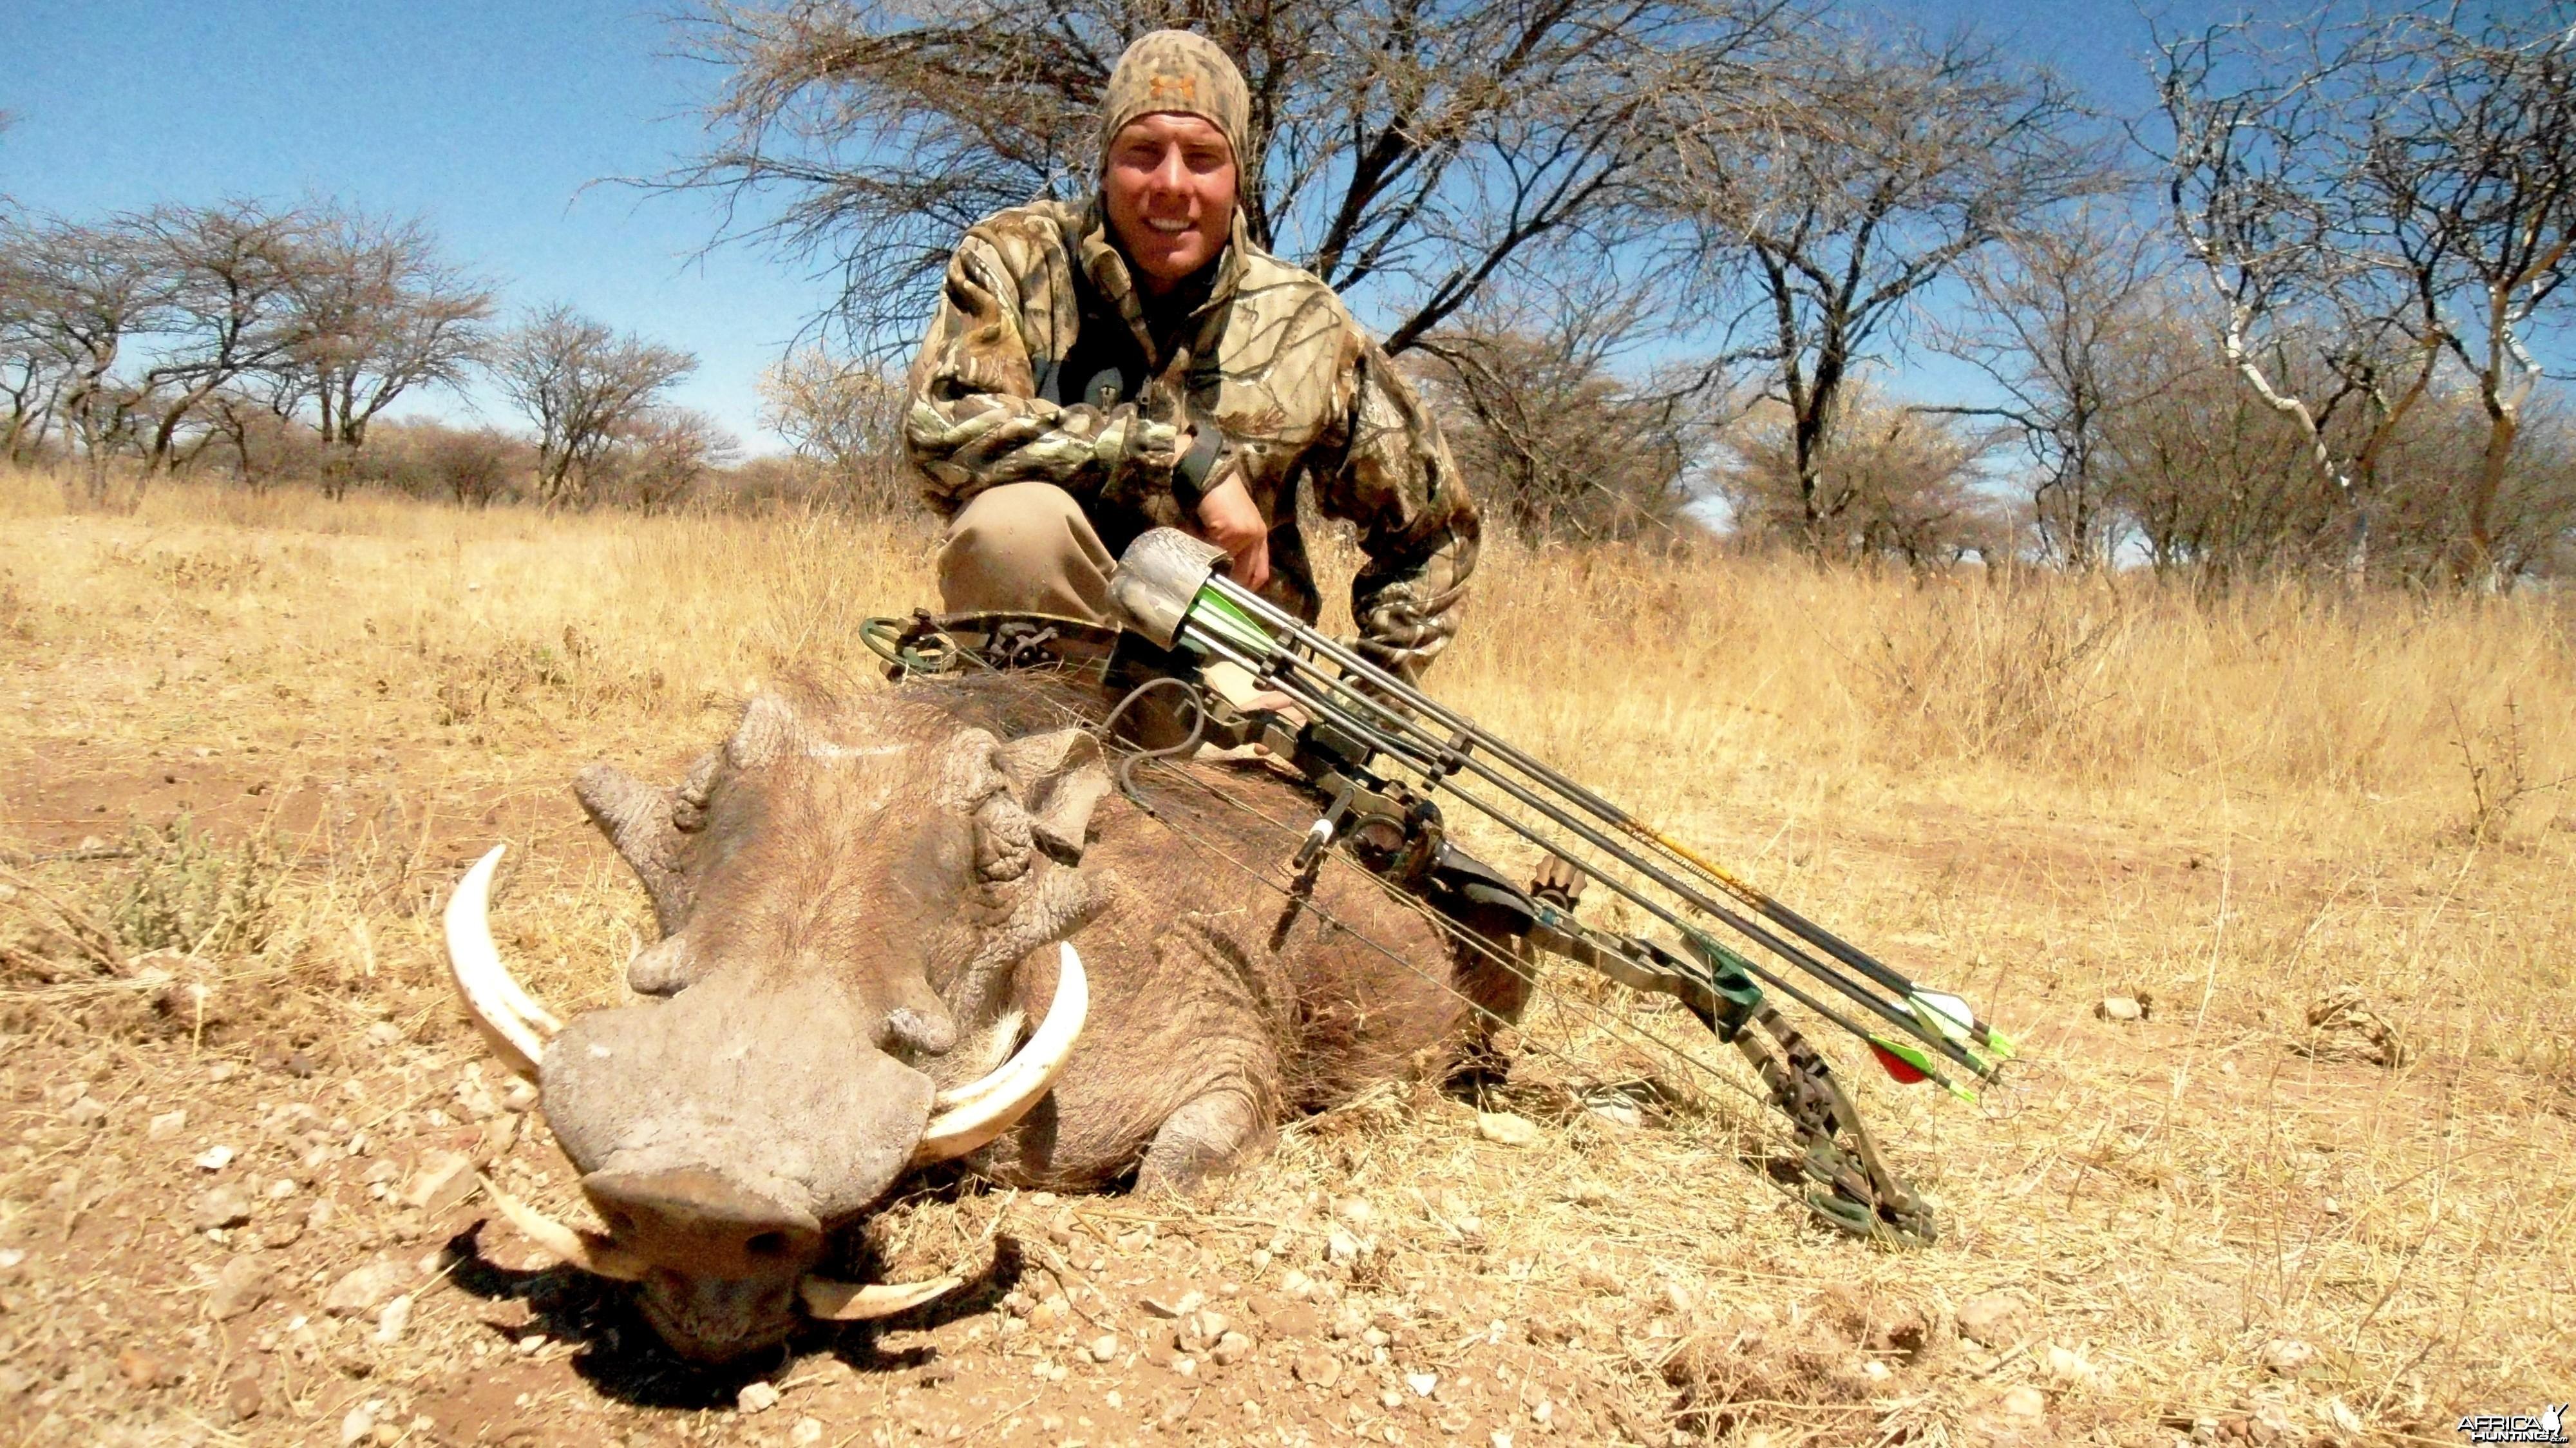 Bowhunting Warthog in Namibia